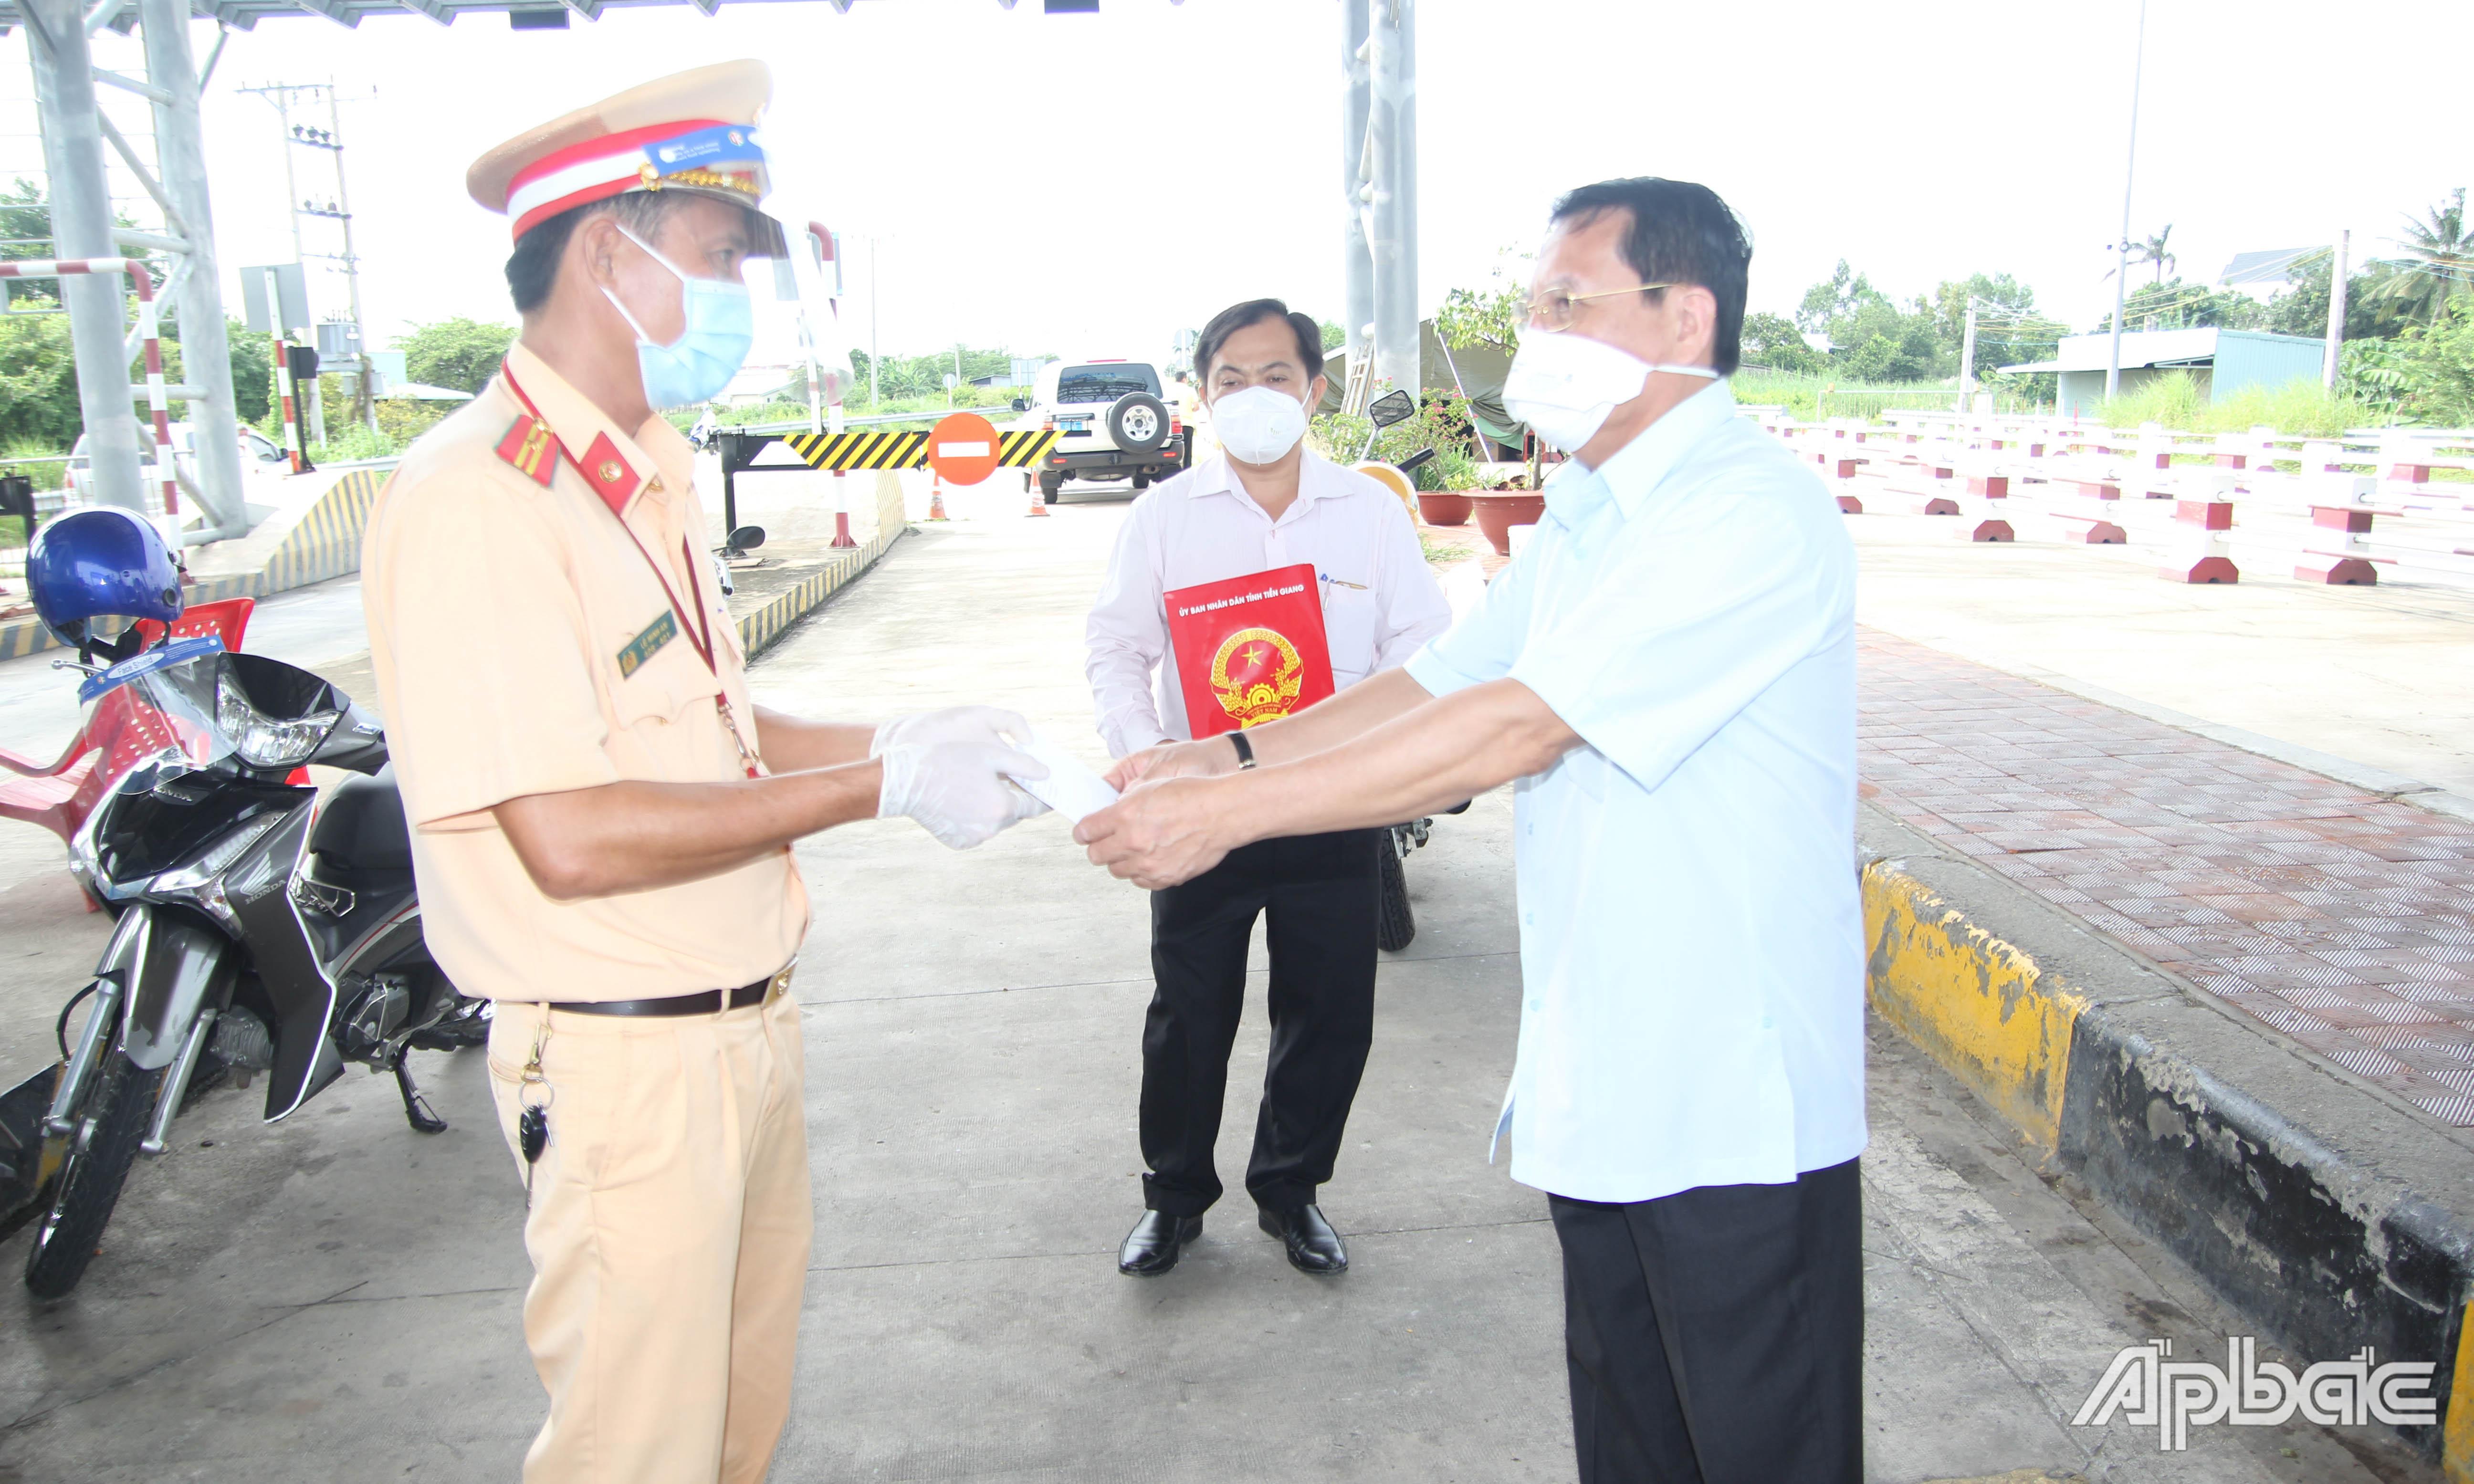 Đồng chí Phạm Văn Trọng thăm, kiểm tra tại Chốt kiểm soát dịch Covid-19 Trạm thu phí cầu Mỹ Lợi.